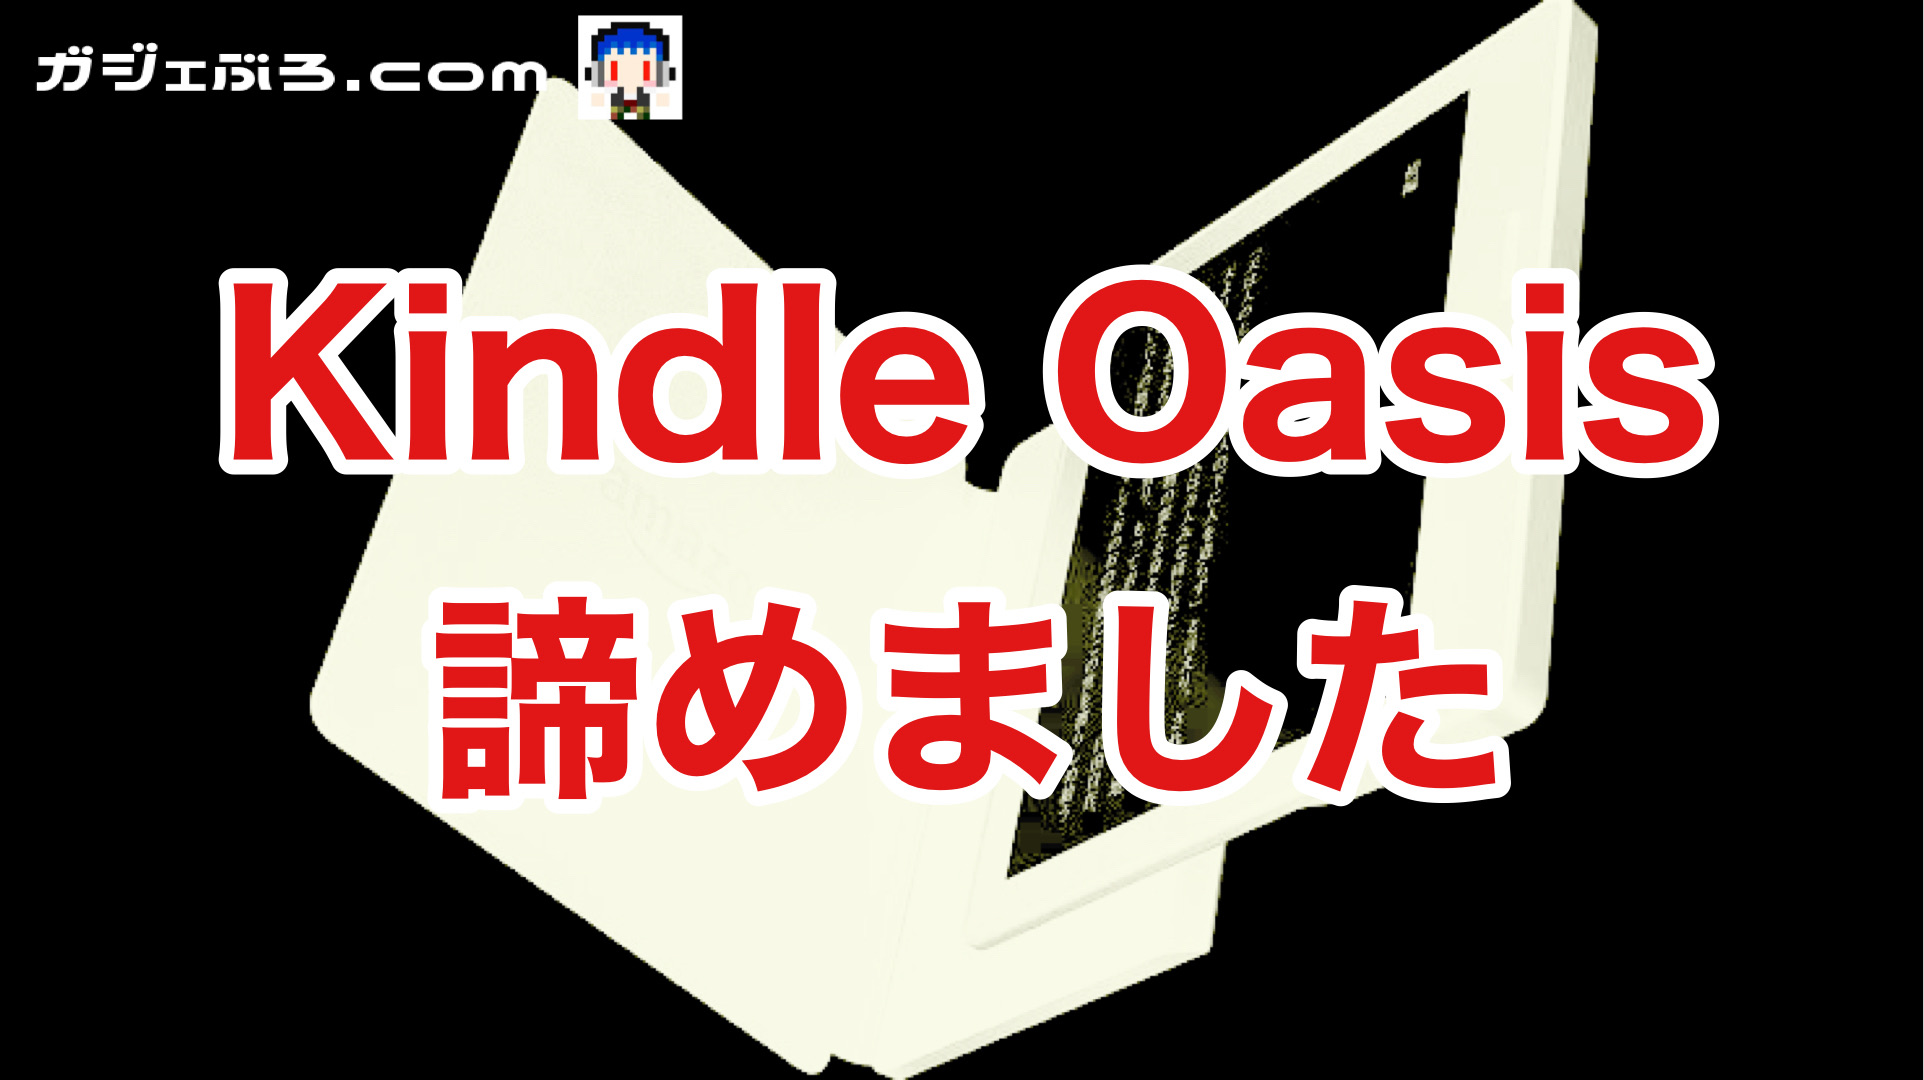 プライムセールでのKindle Oasisの購入を断念しました……